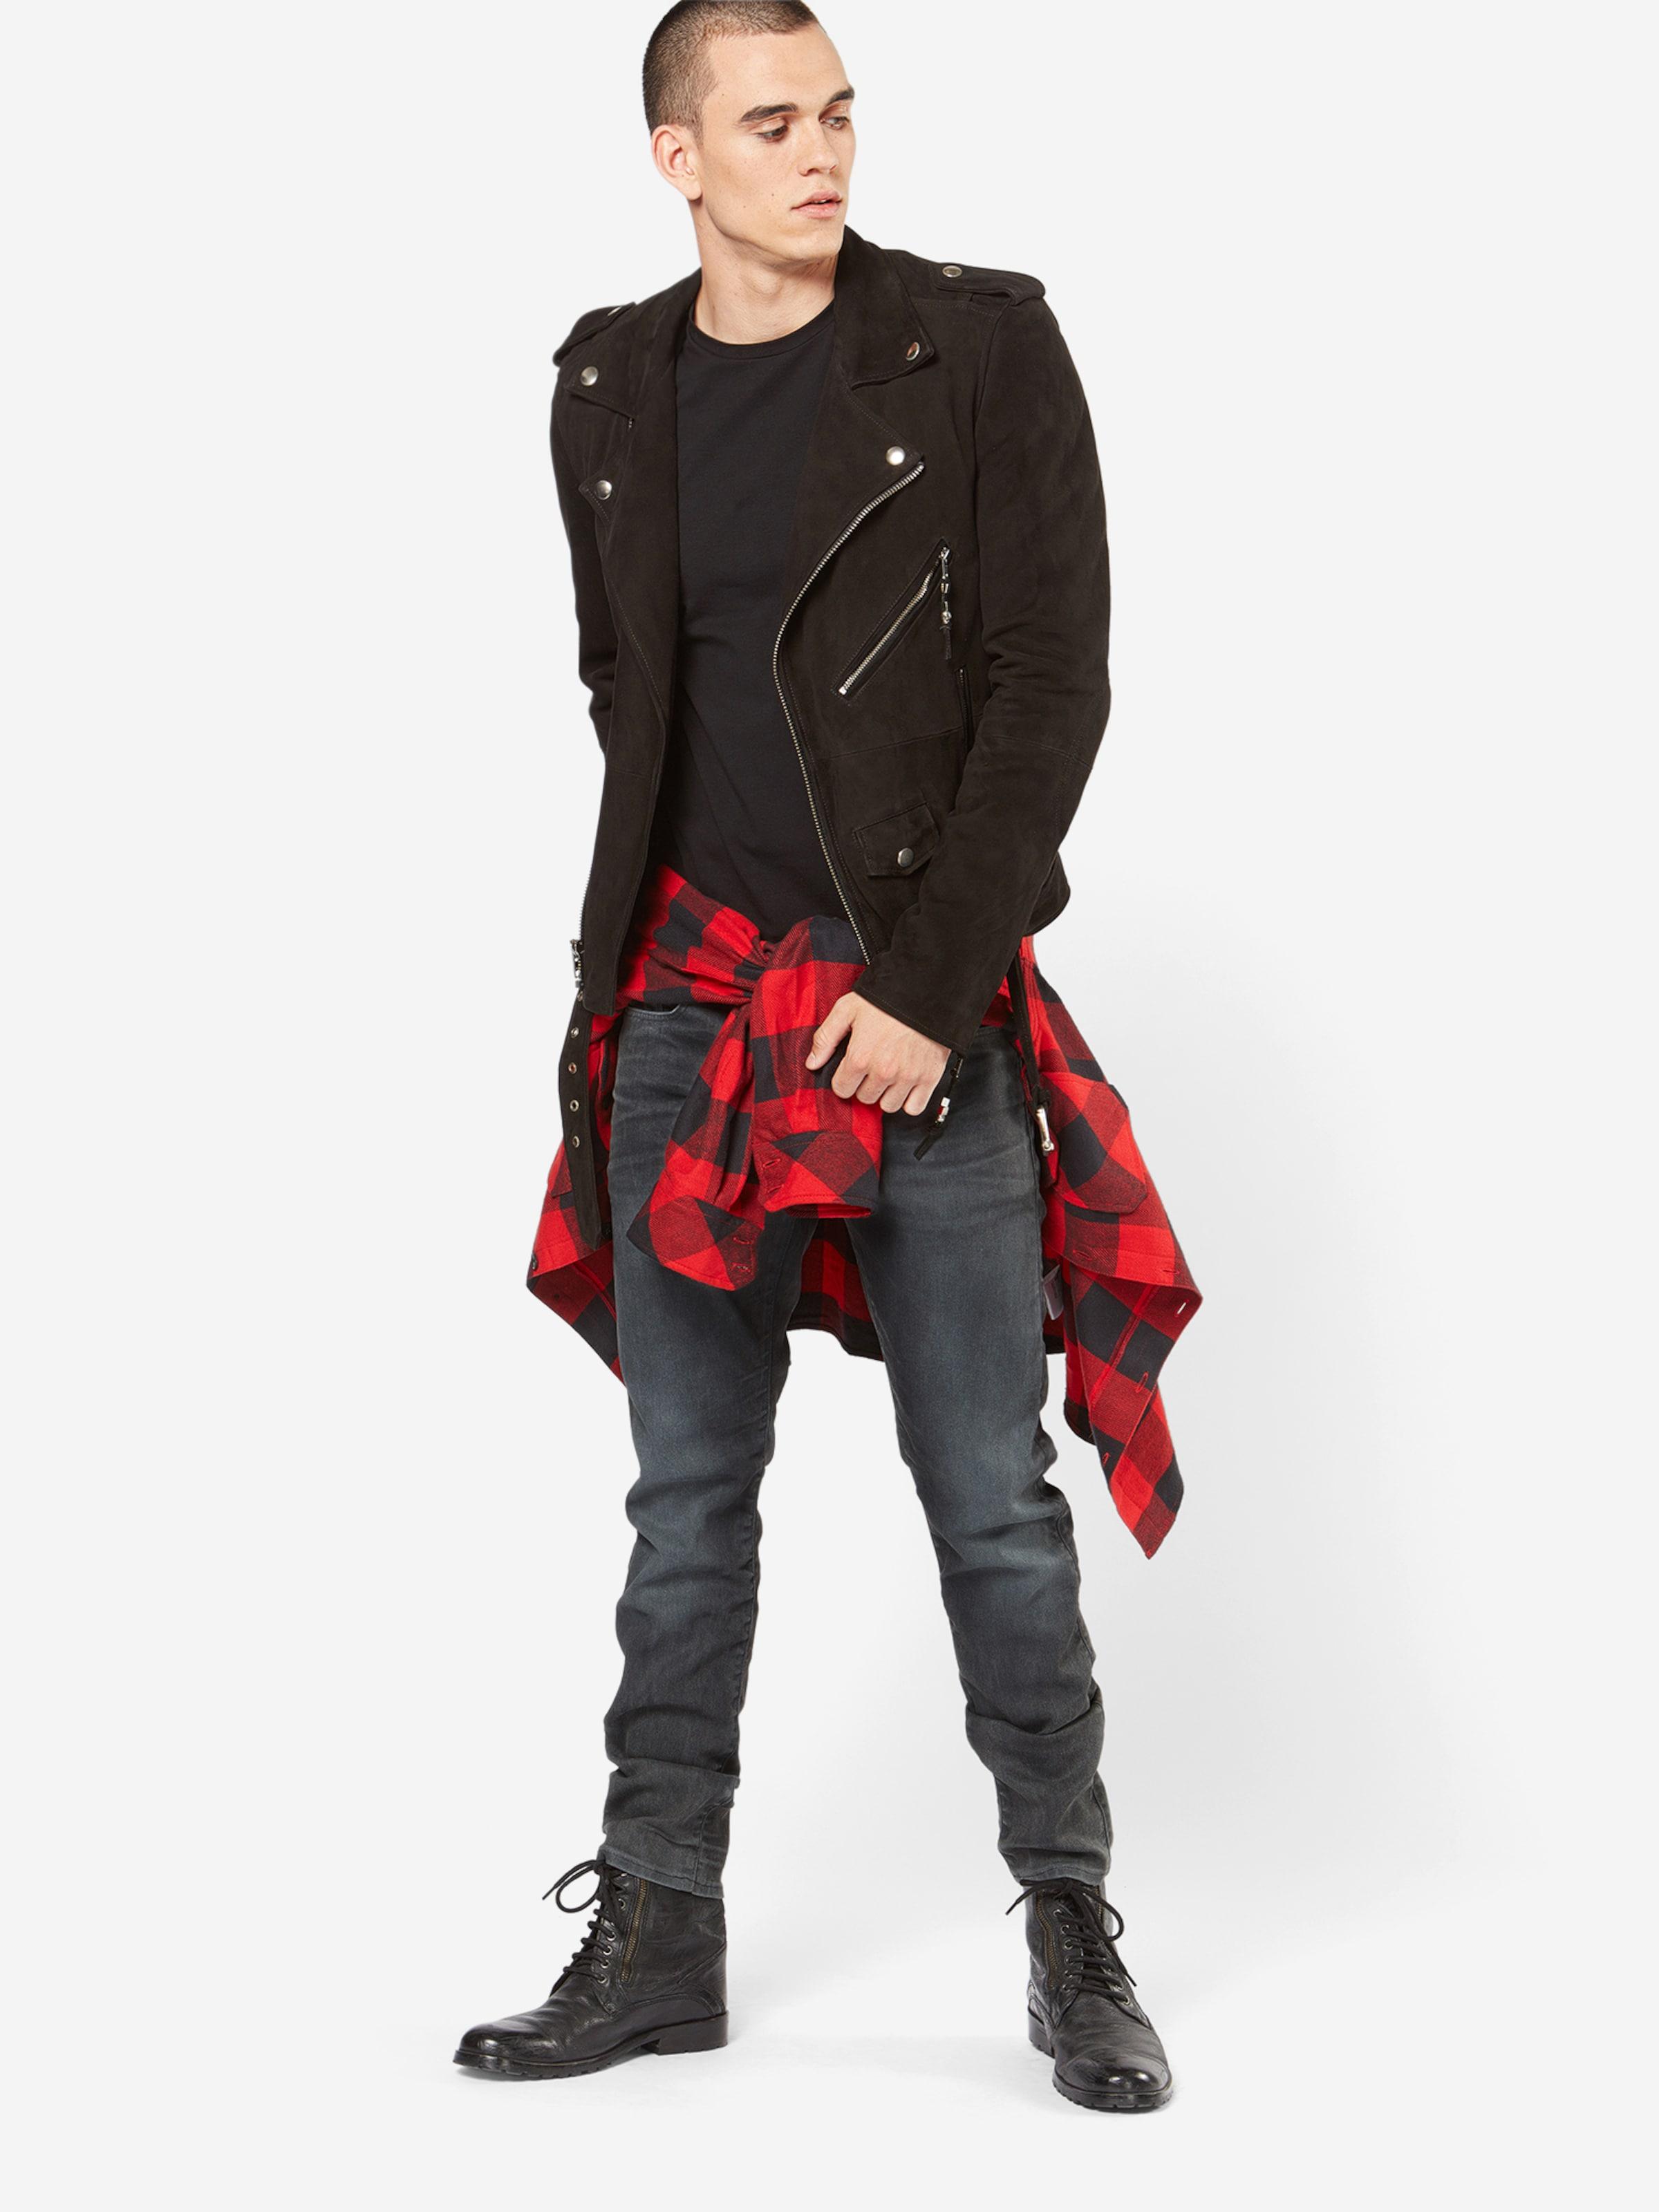 G In Grey star Jeans '3301' Raw Denim pGVqMUSz